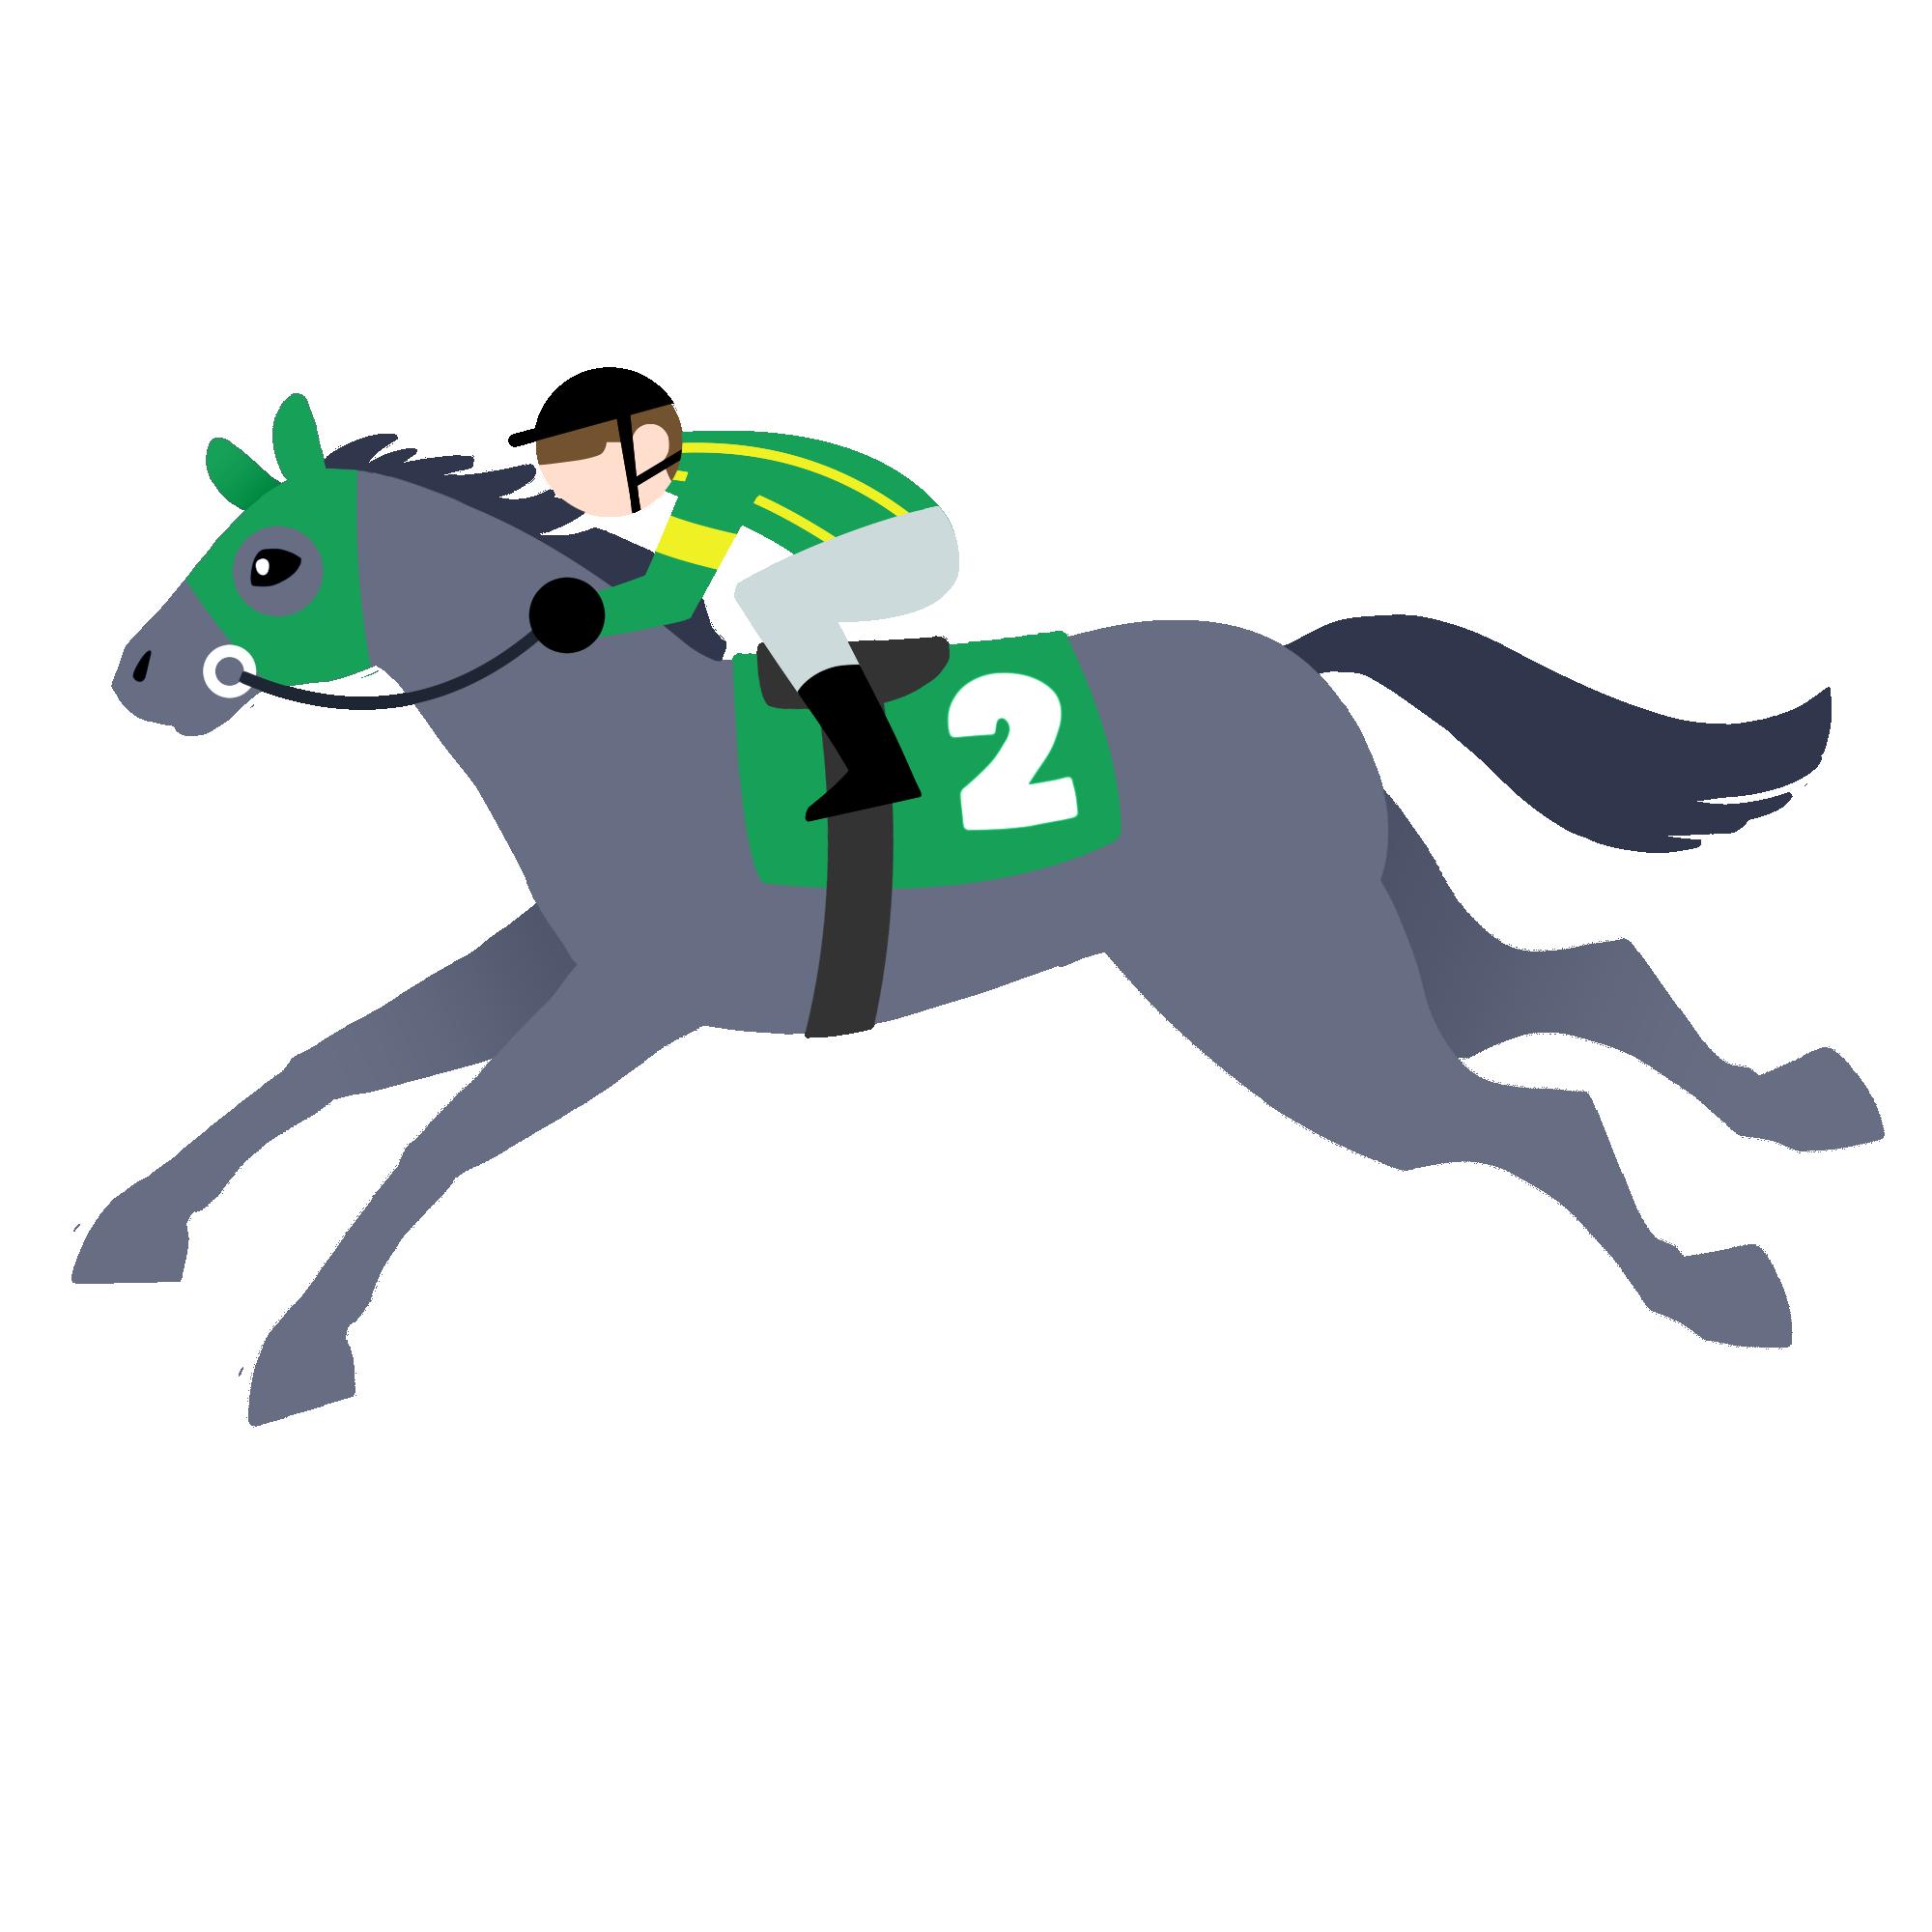 芦毛の走る馬とジョッキー